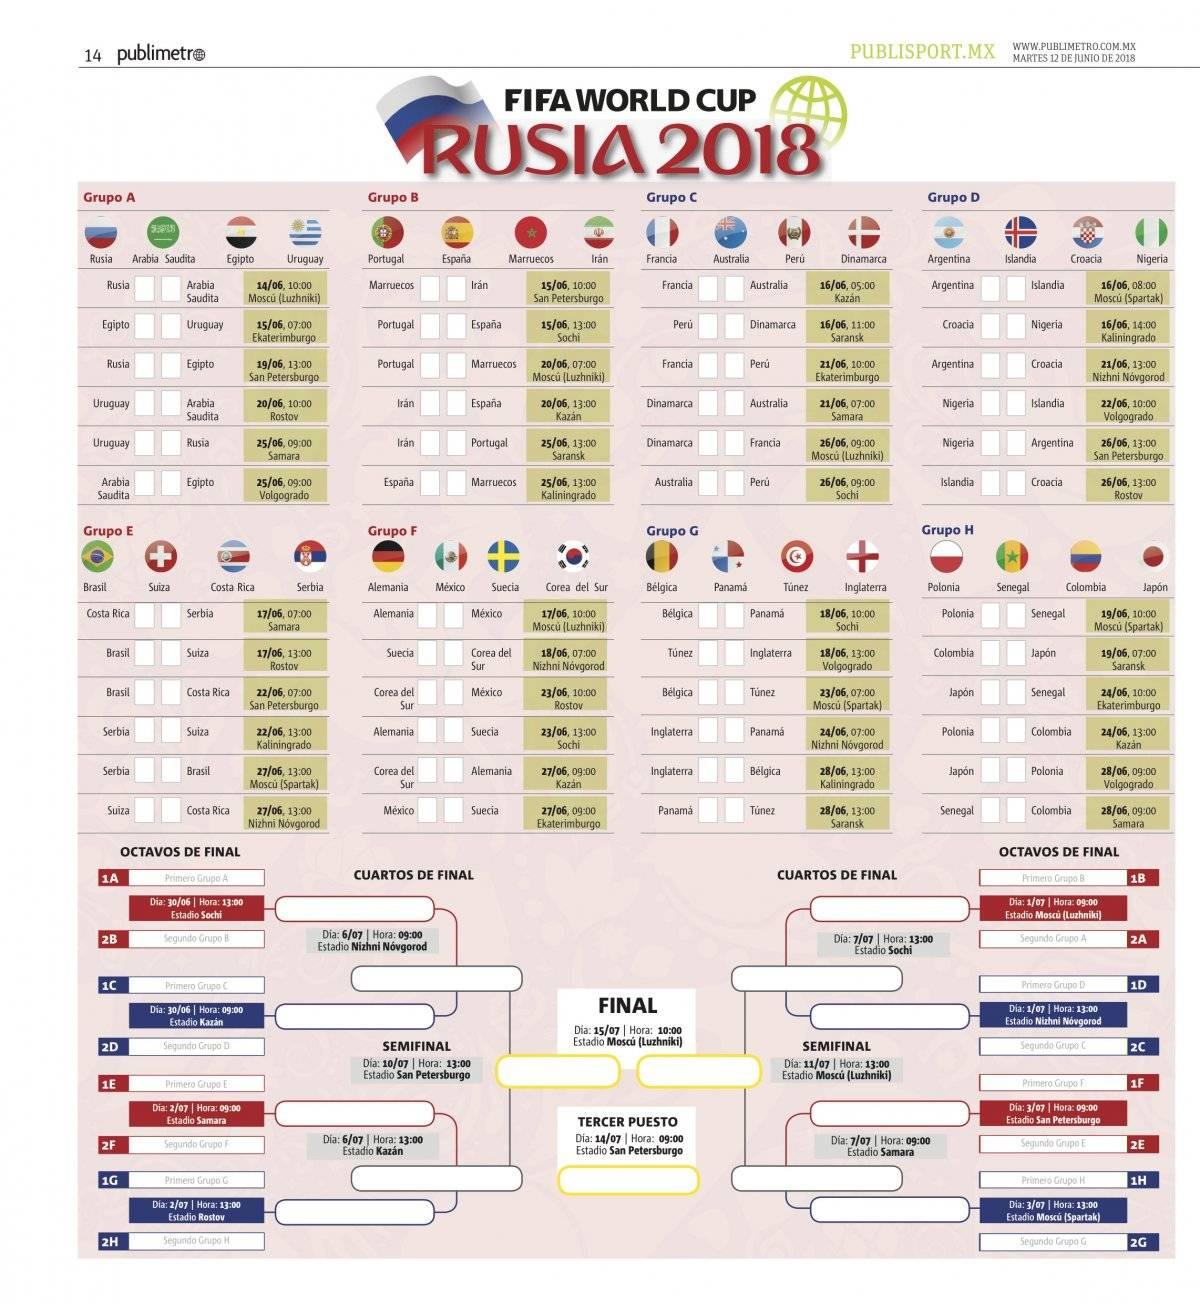 Mundial 2018: Calendario de los partidos de futbol por fecha, hora y estadio